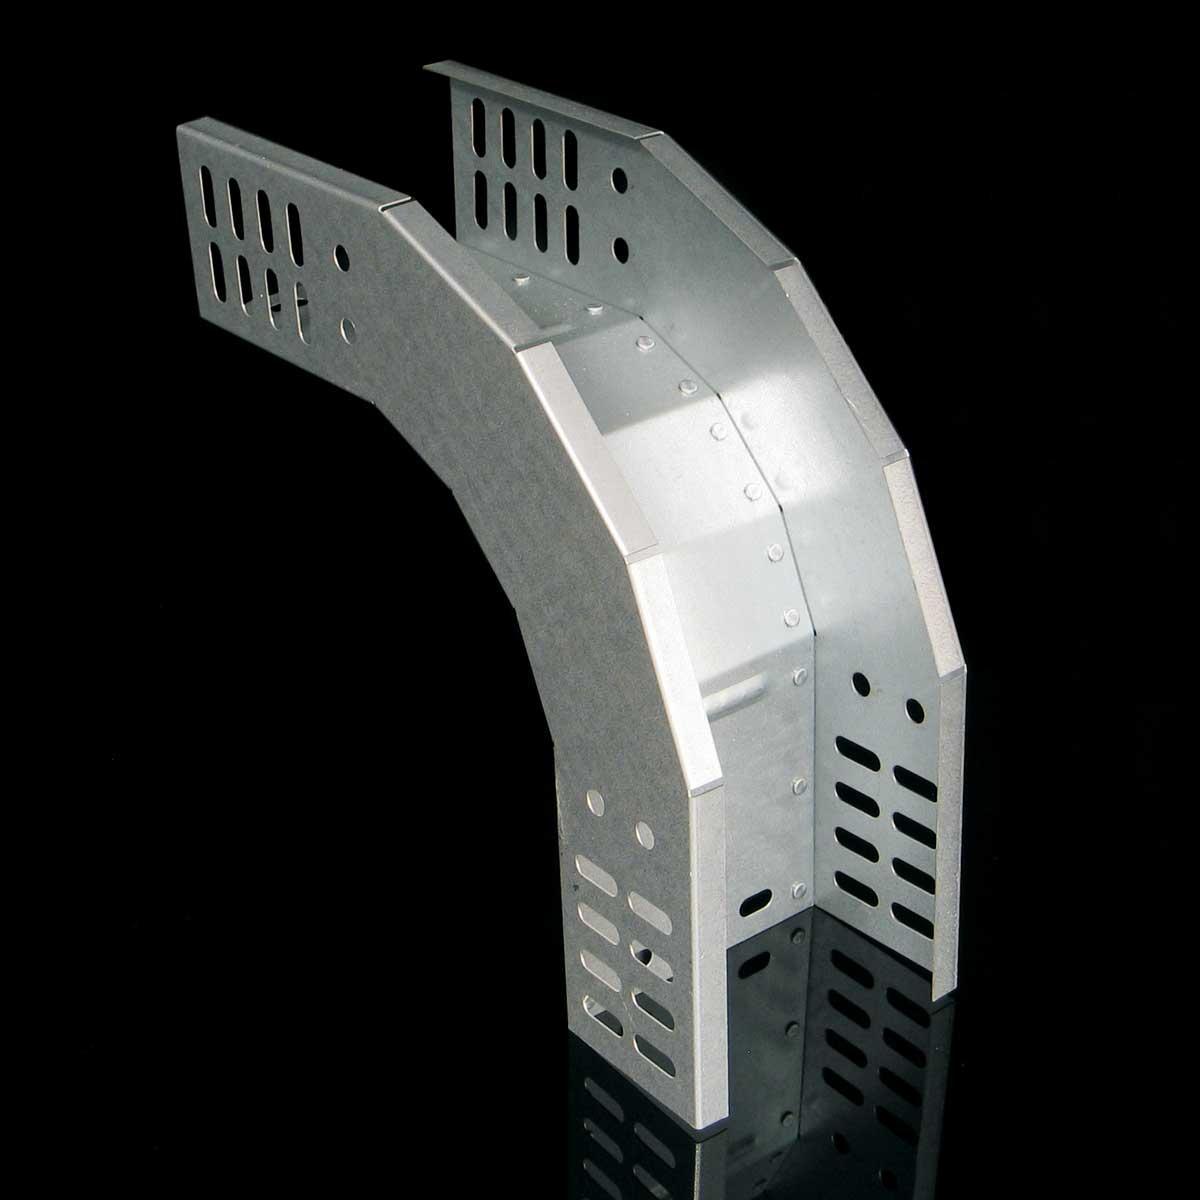 Поворот вертикальний зовнішній 90 для лотка JUPITER; розміри-110x300x295mm Товщ. метал-1 Вага-1,41кг/м